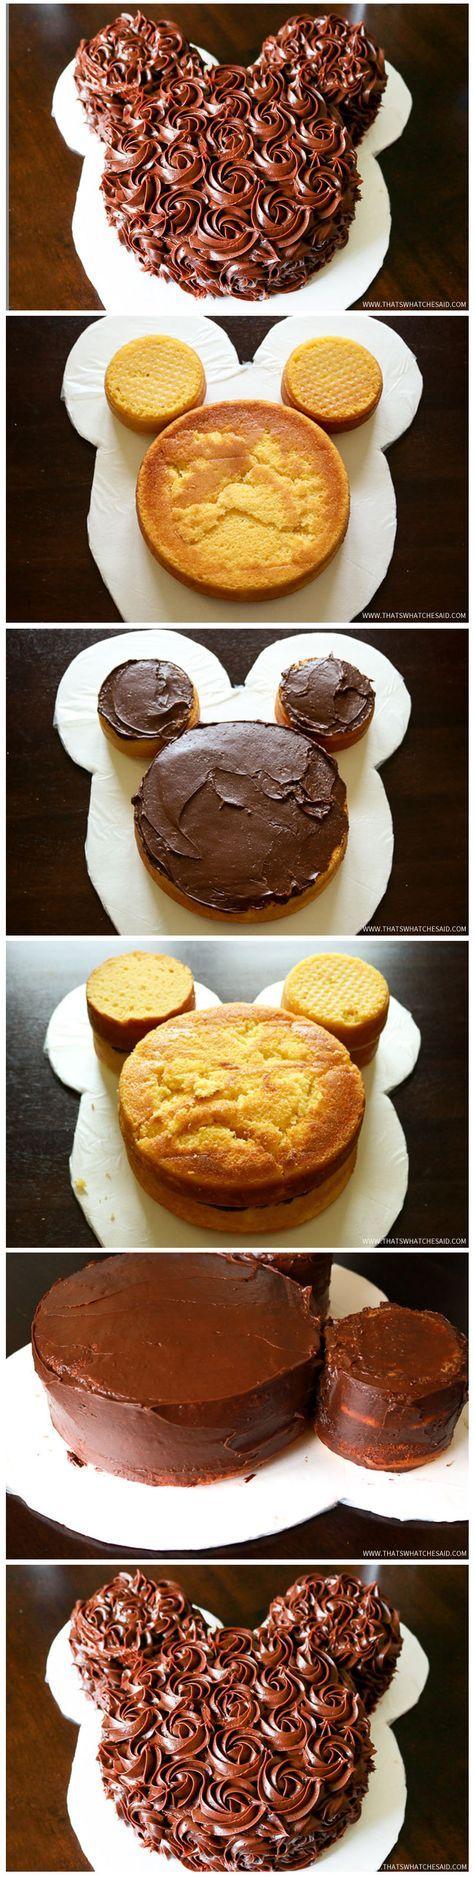 pastel de micky mouse